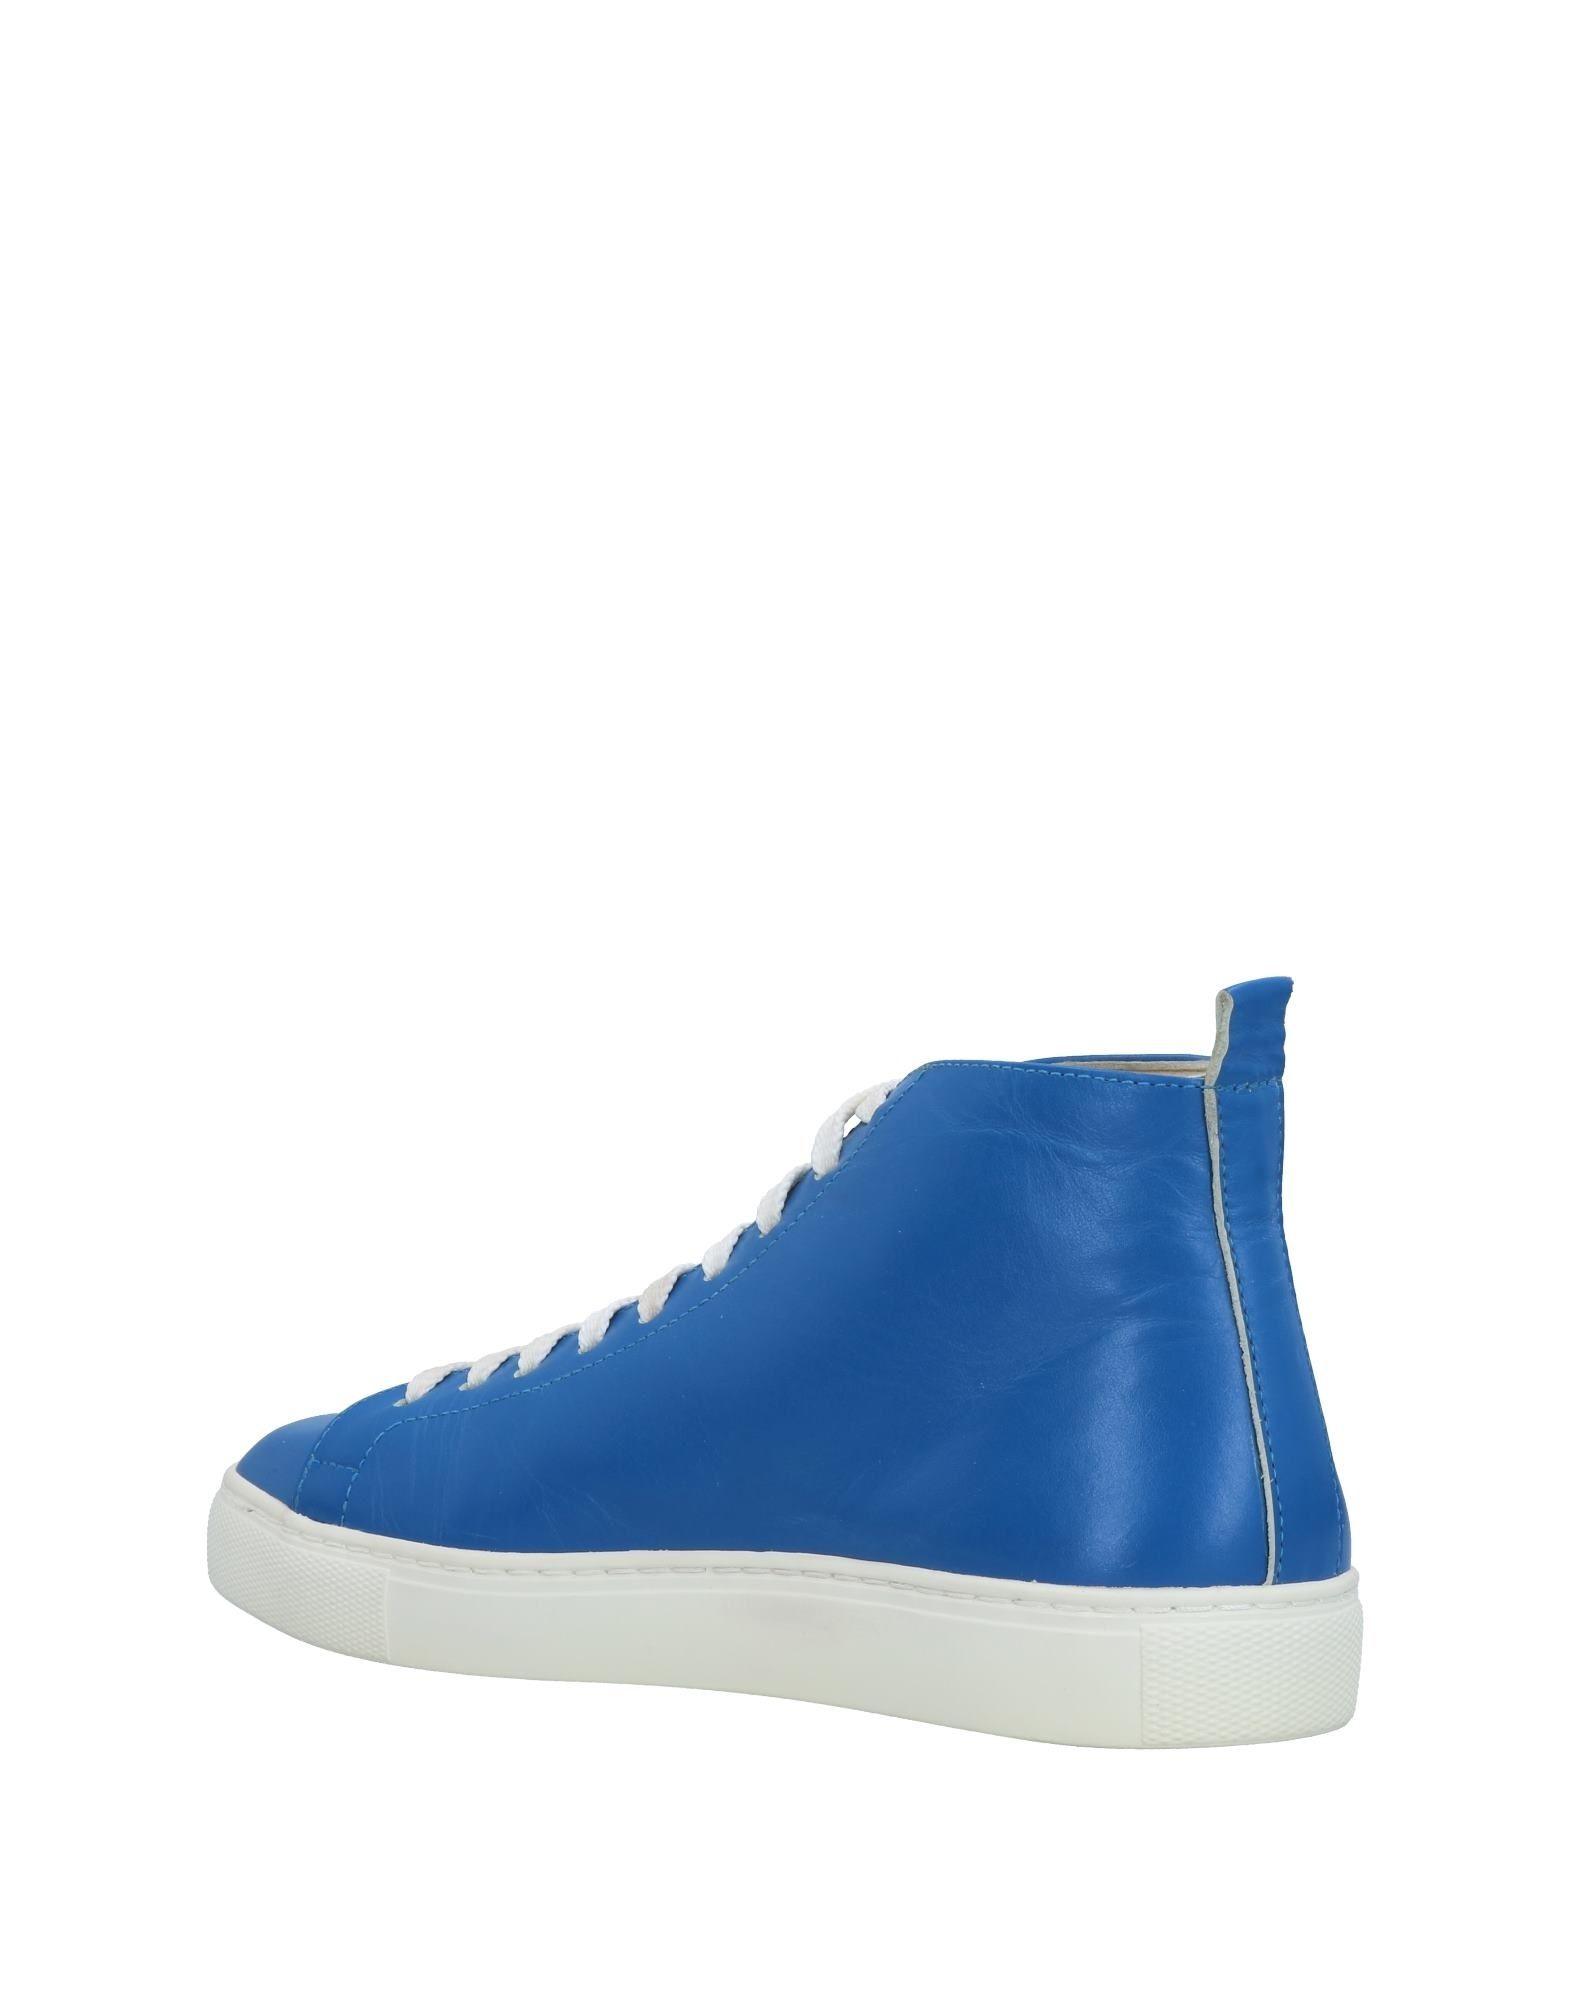 Le Schuhe Village Sneakers Damen  11412871WH Neue Schuhe Le e88076